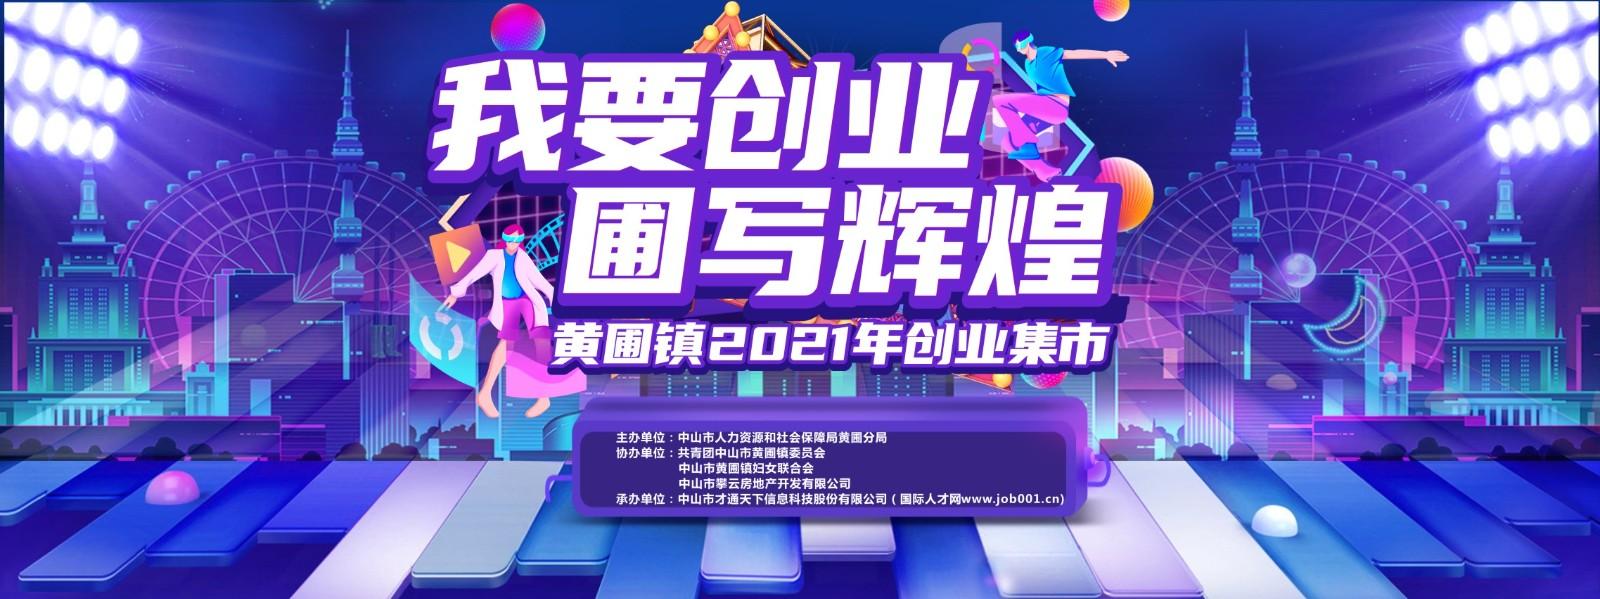 黃圃_才通國際人才網_job001.cn